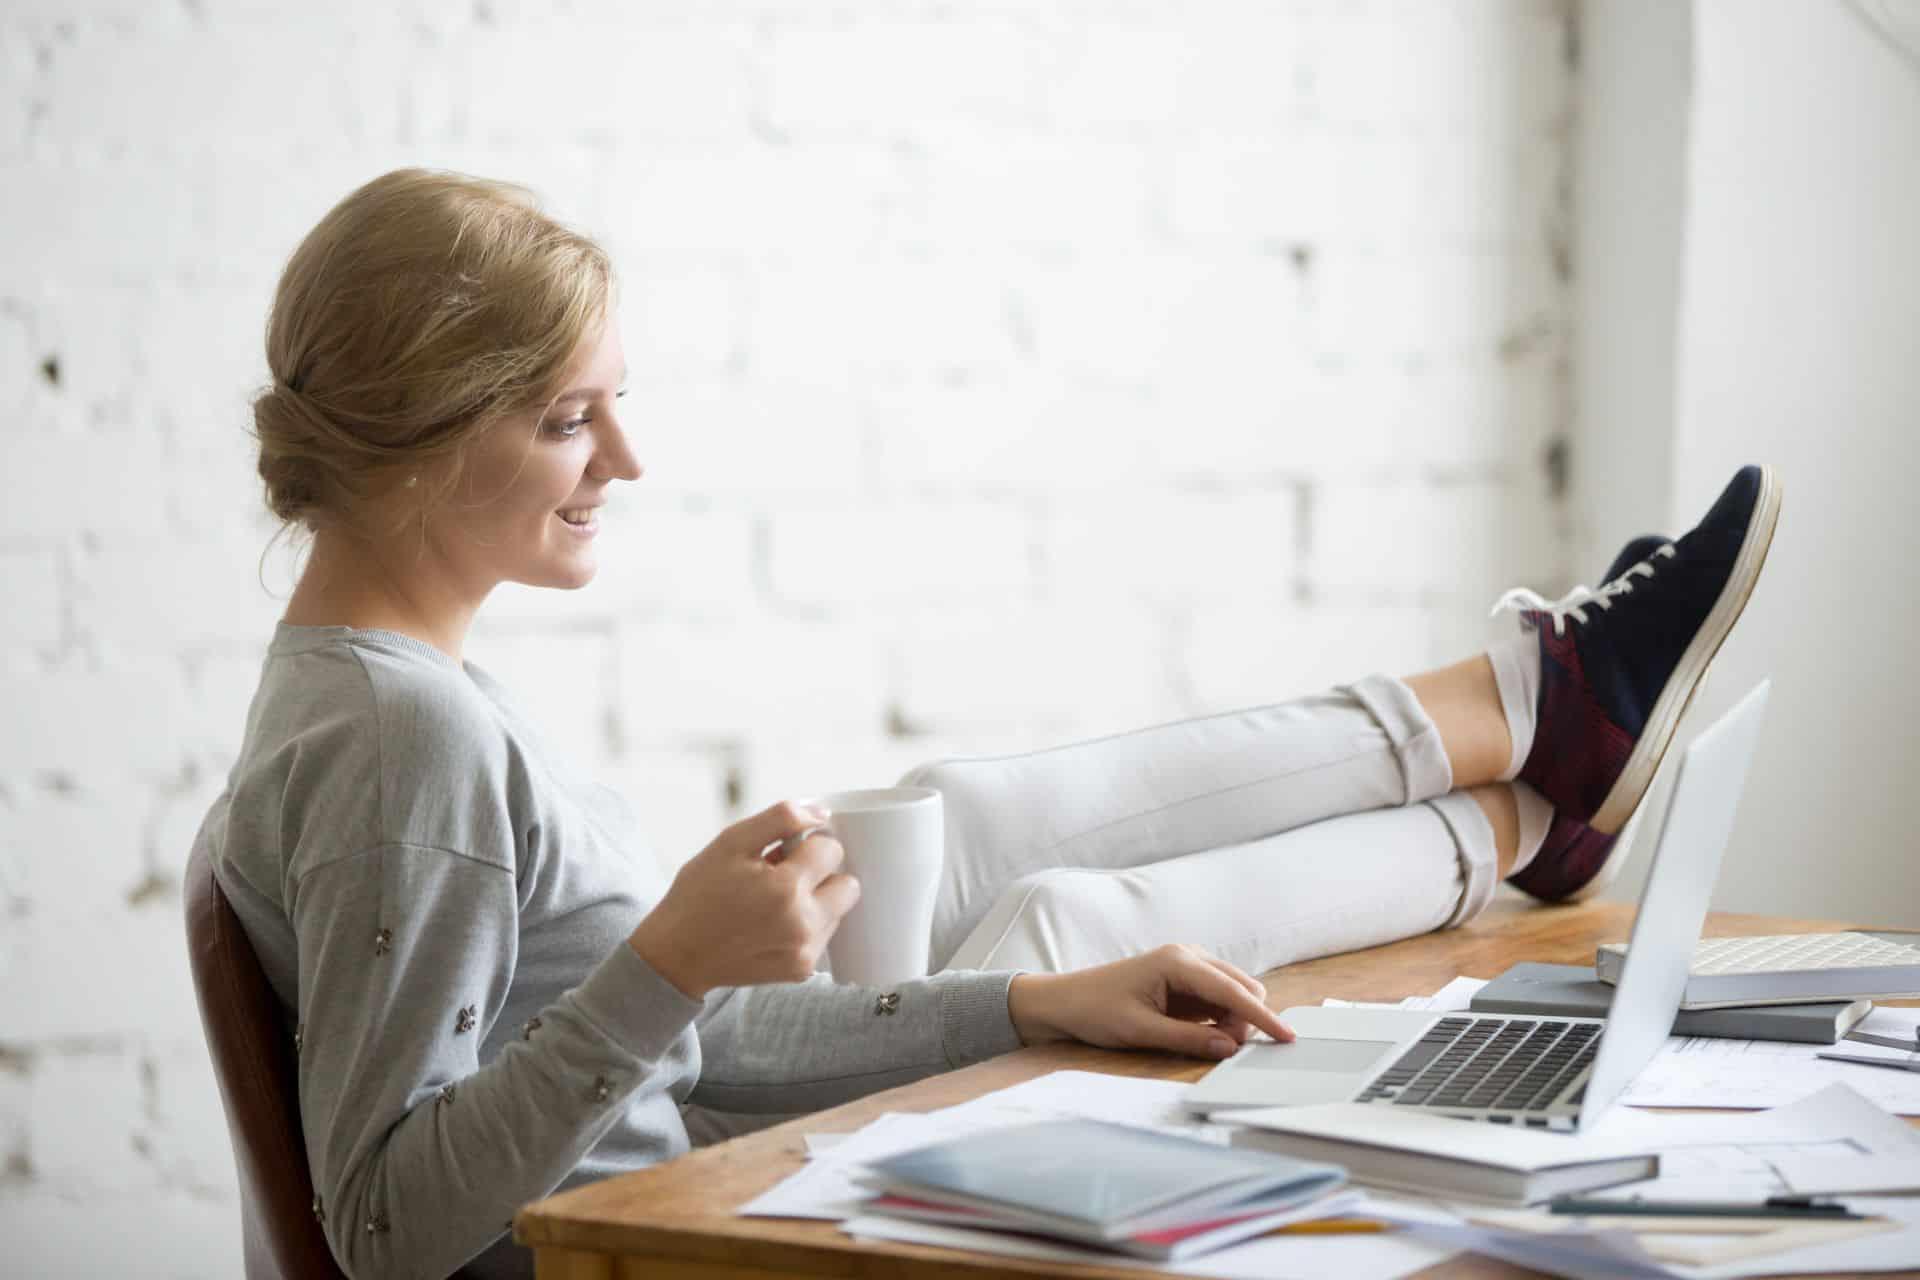 hogyan lehet pénzt keresni az irodában ülve